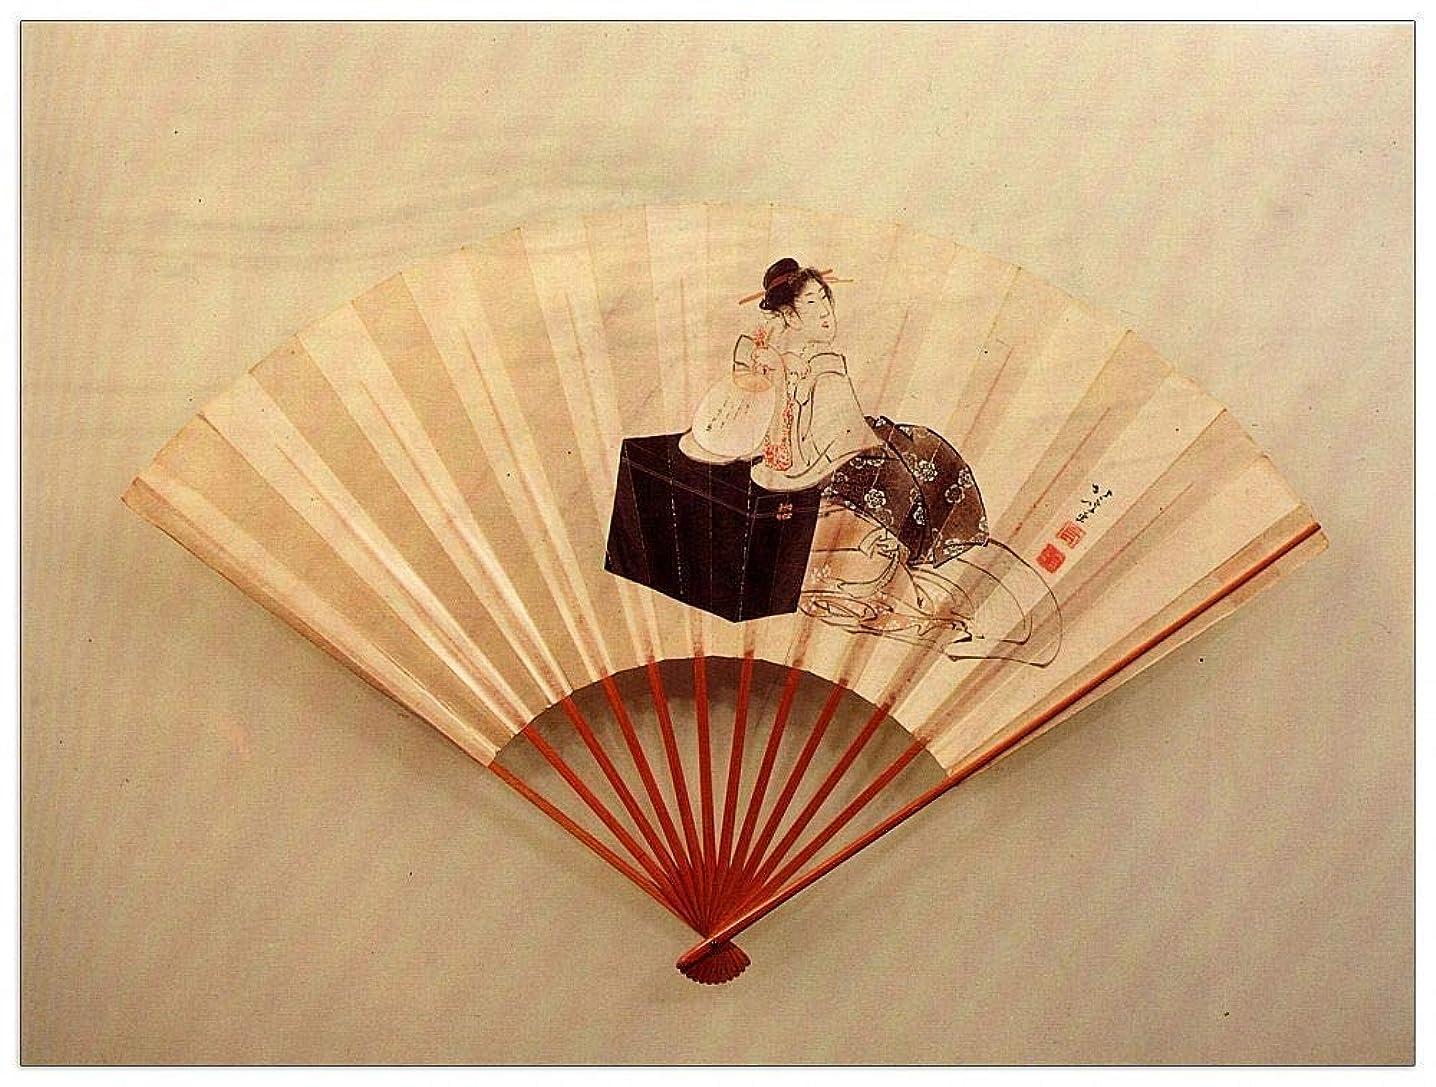 ArtPlaza TW90213 Hokusai Katsushika - Young Lady Decorative Panel 35.5x27.5 Inch Multicolored